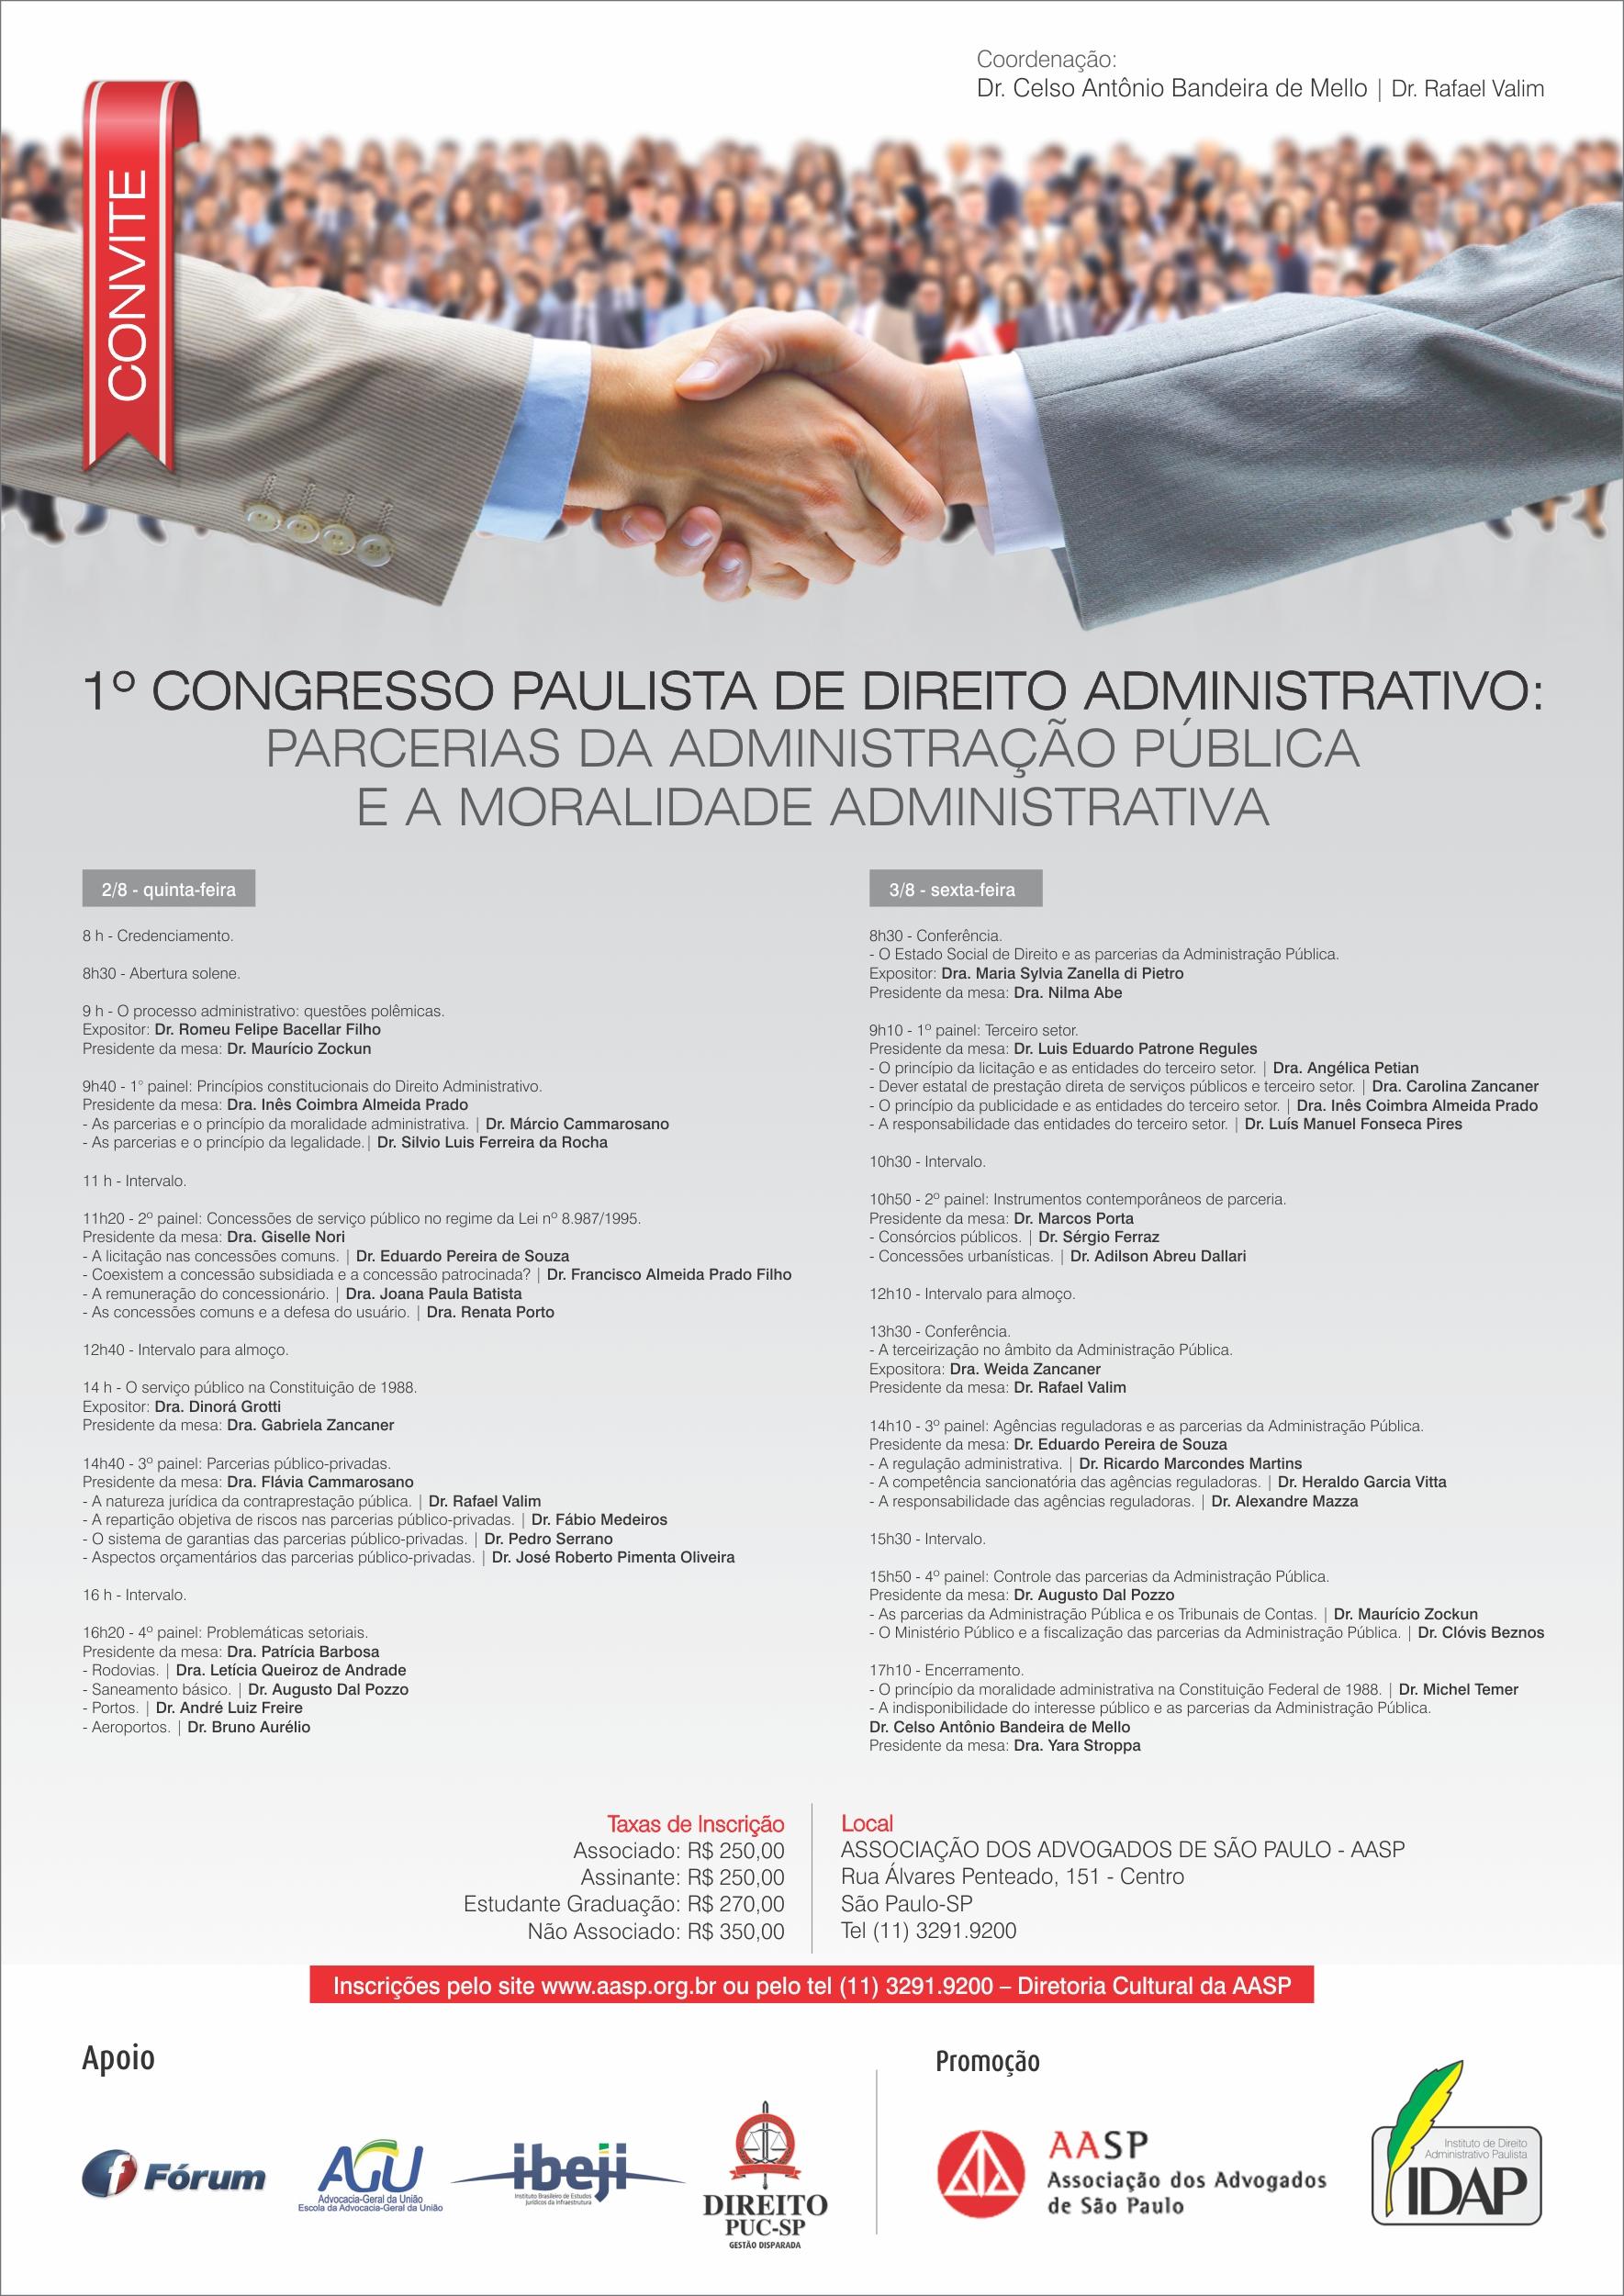 1º Congresso Paulista de Direito Adminstrativo: Parcerias da Administração Pública e a Moralidade Administrativa